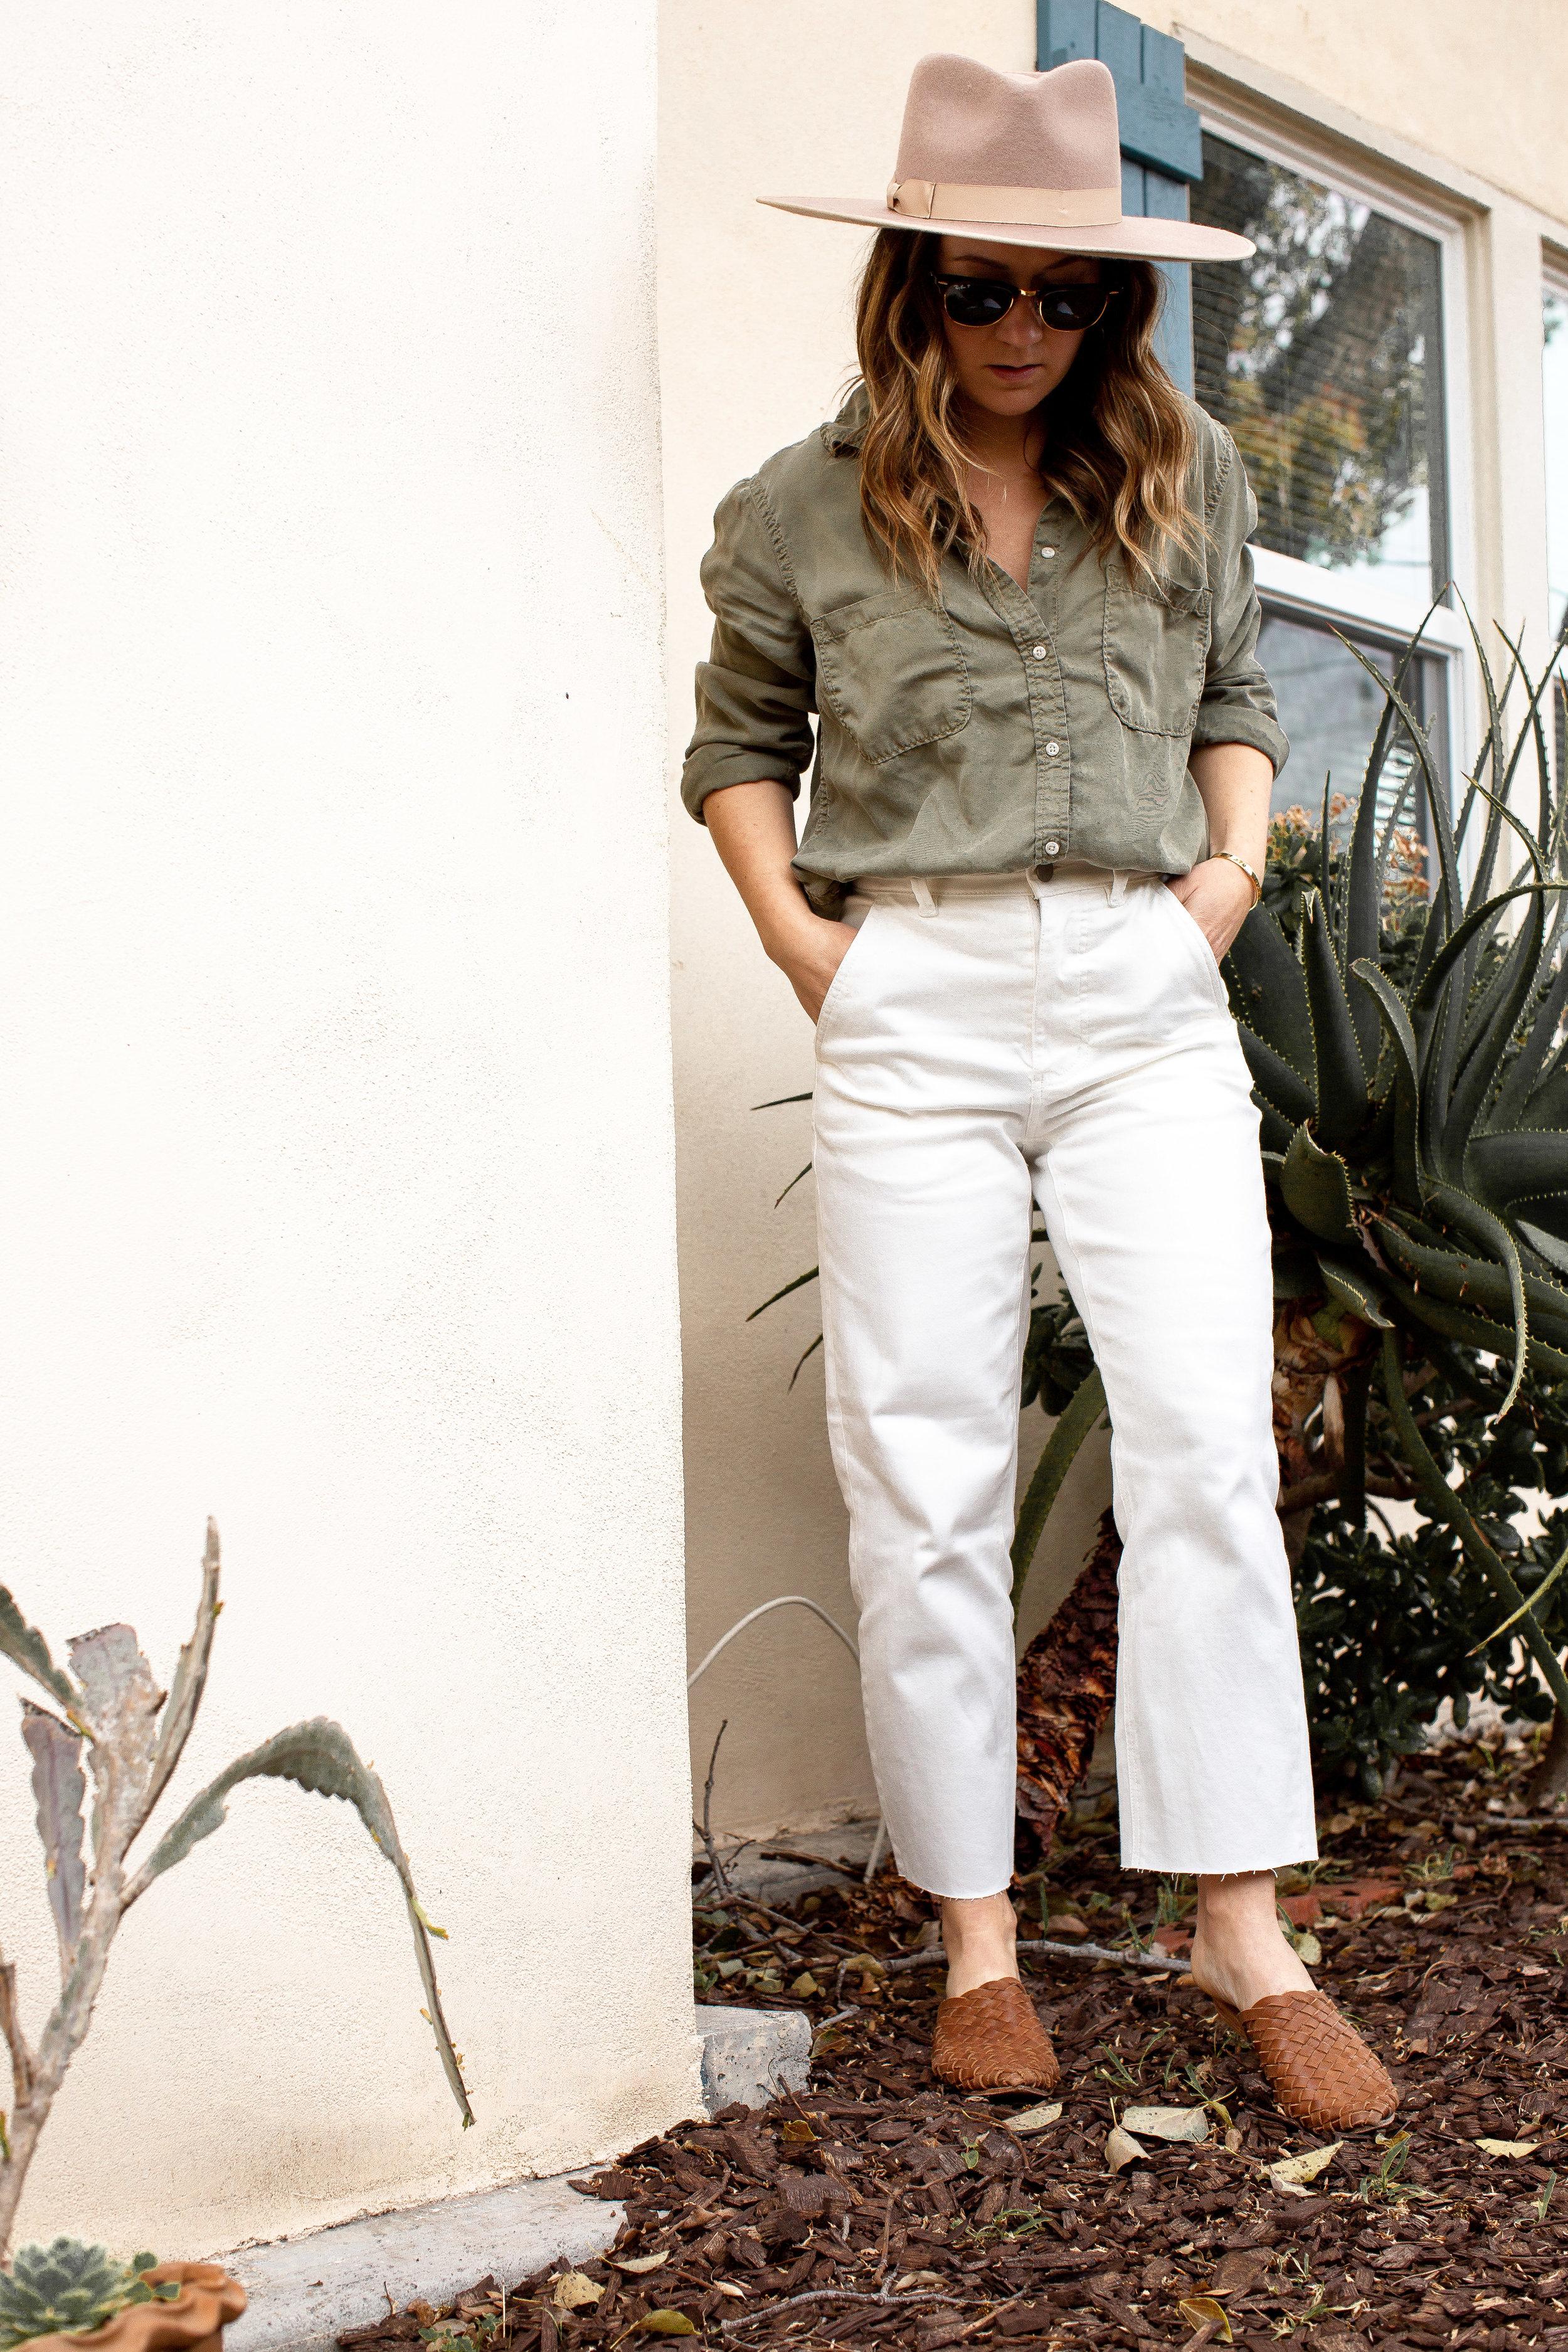 fizz-fade-everlane-jeans_greentop-12.jpg